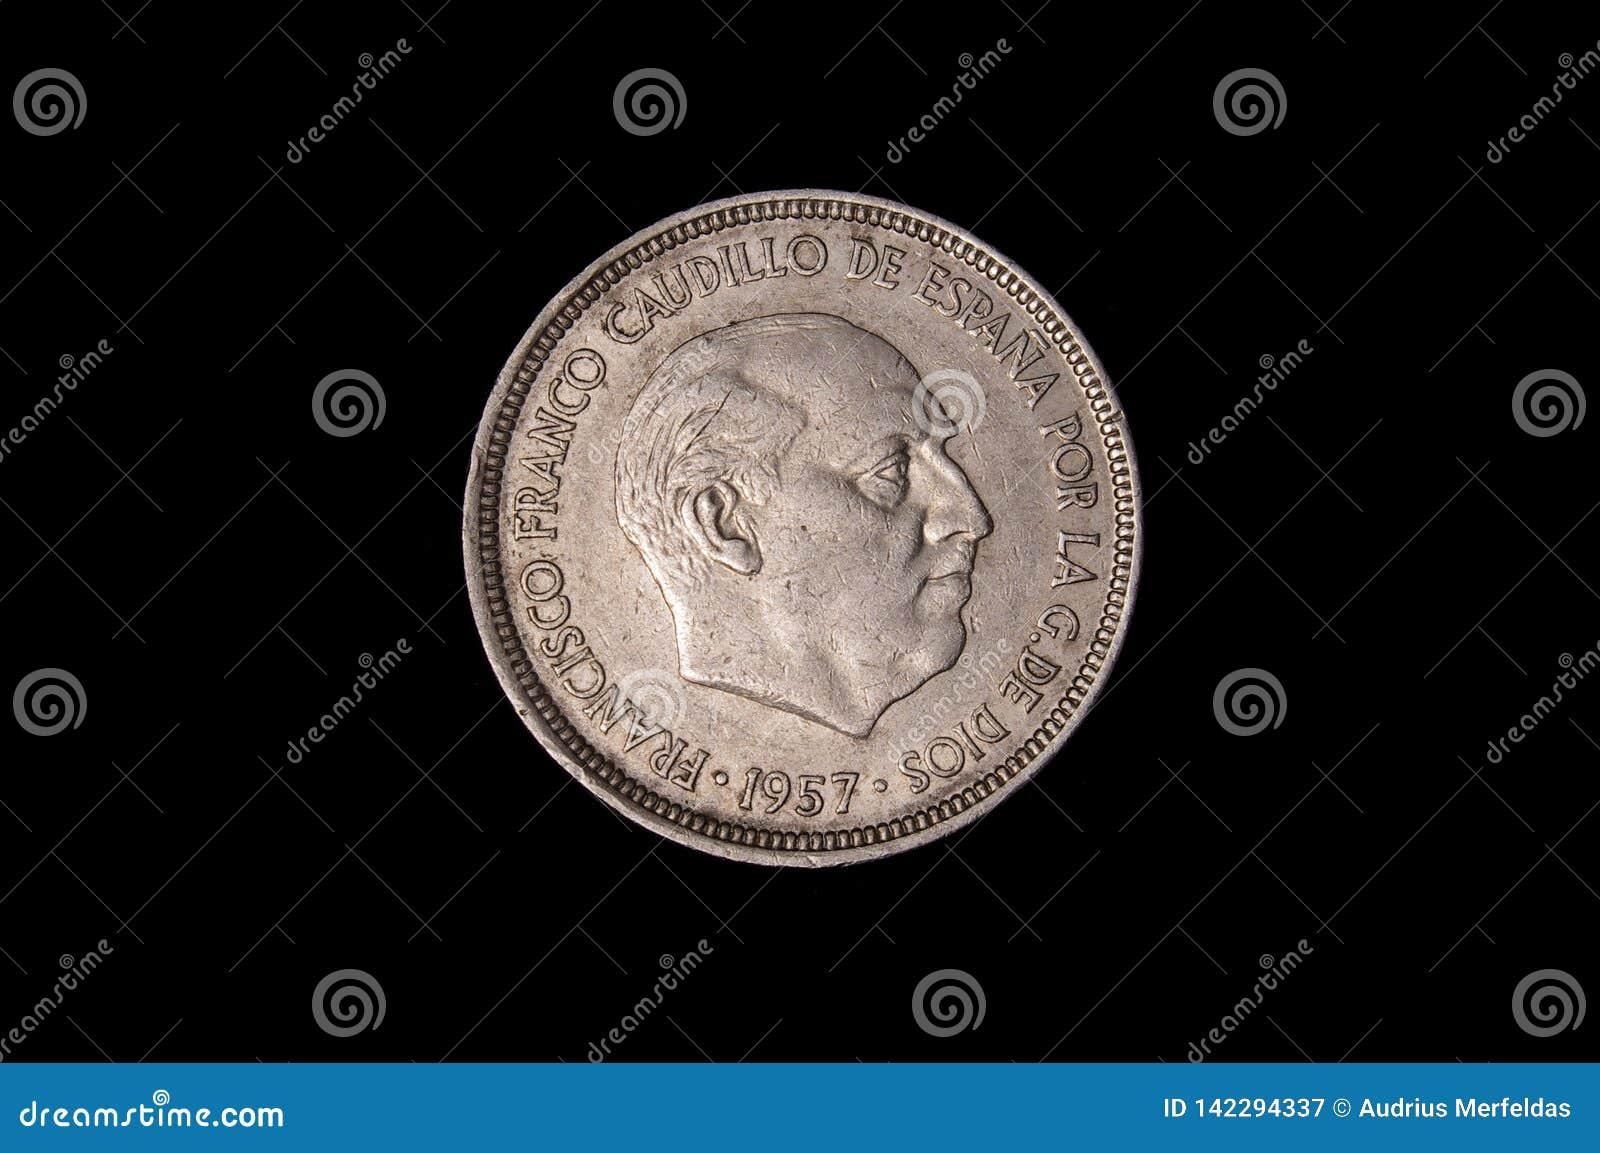 Five pesetas coin